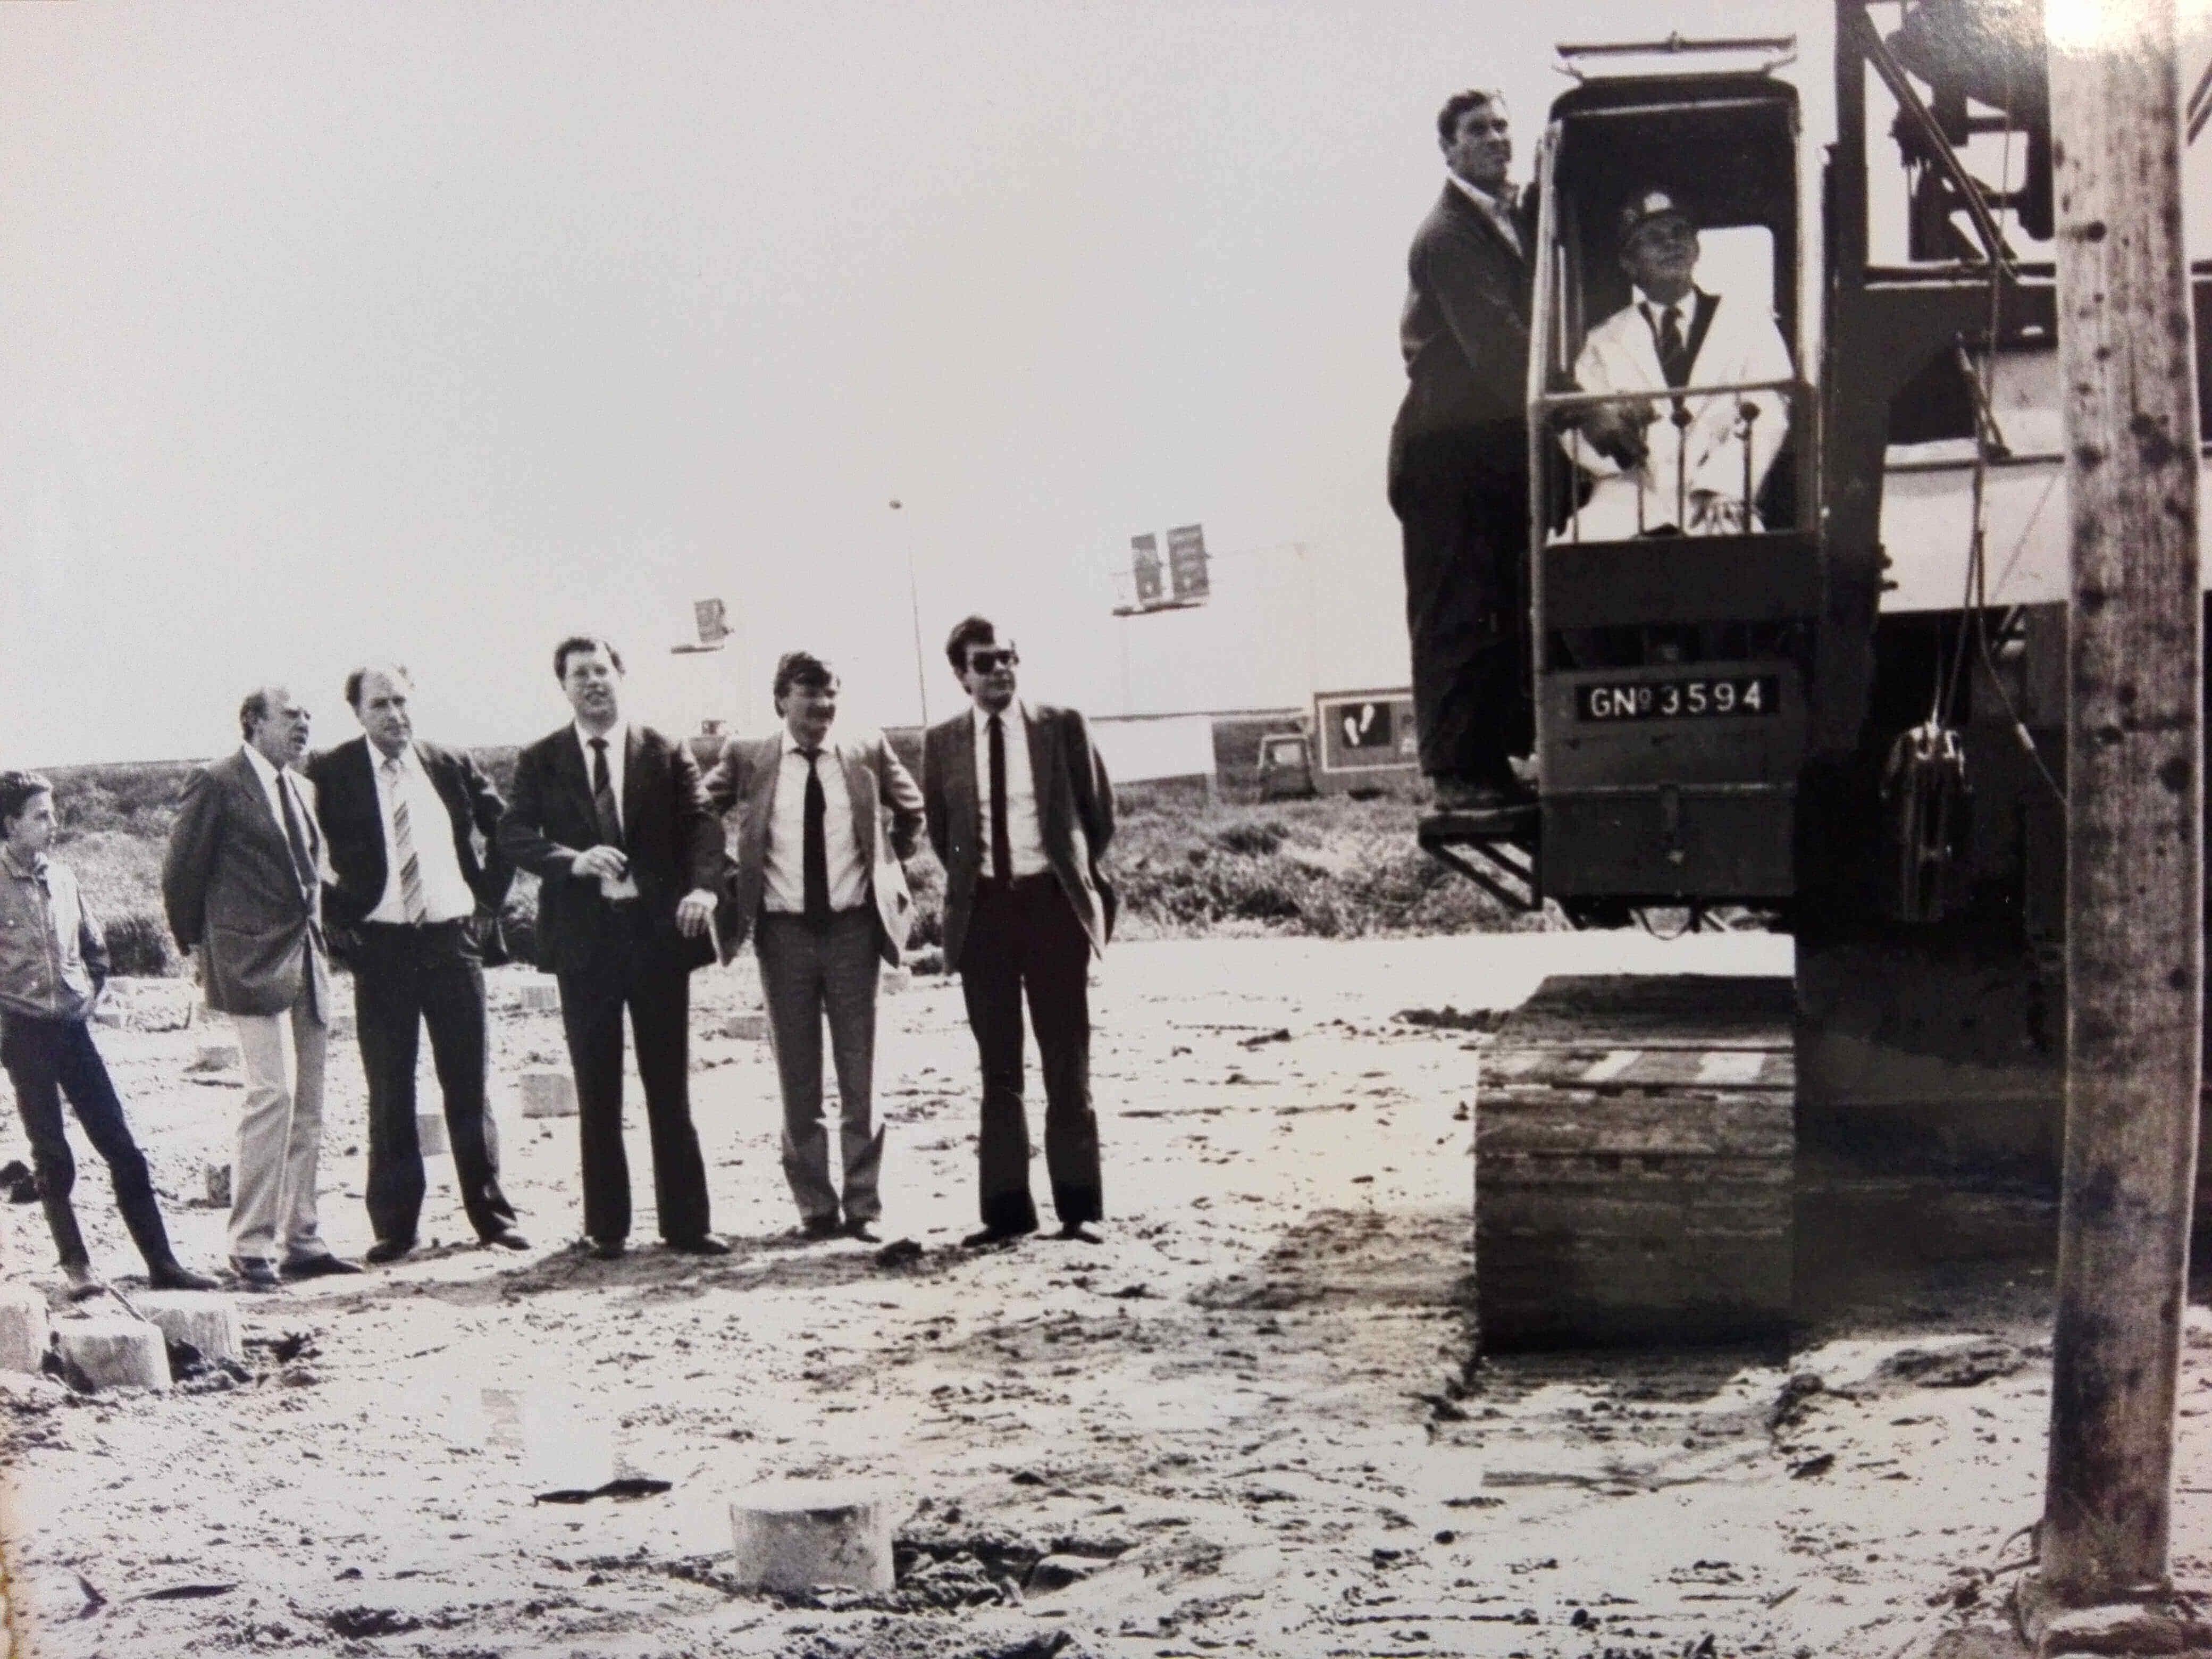 Nieuwbouw Groothandel Langerak 1985